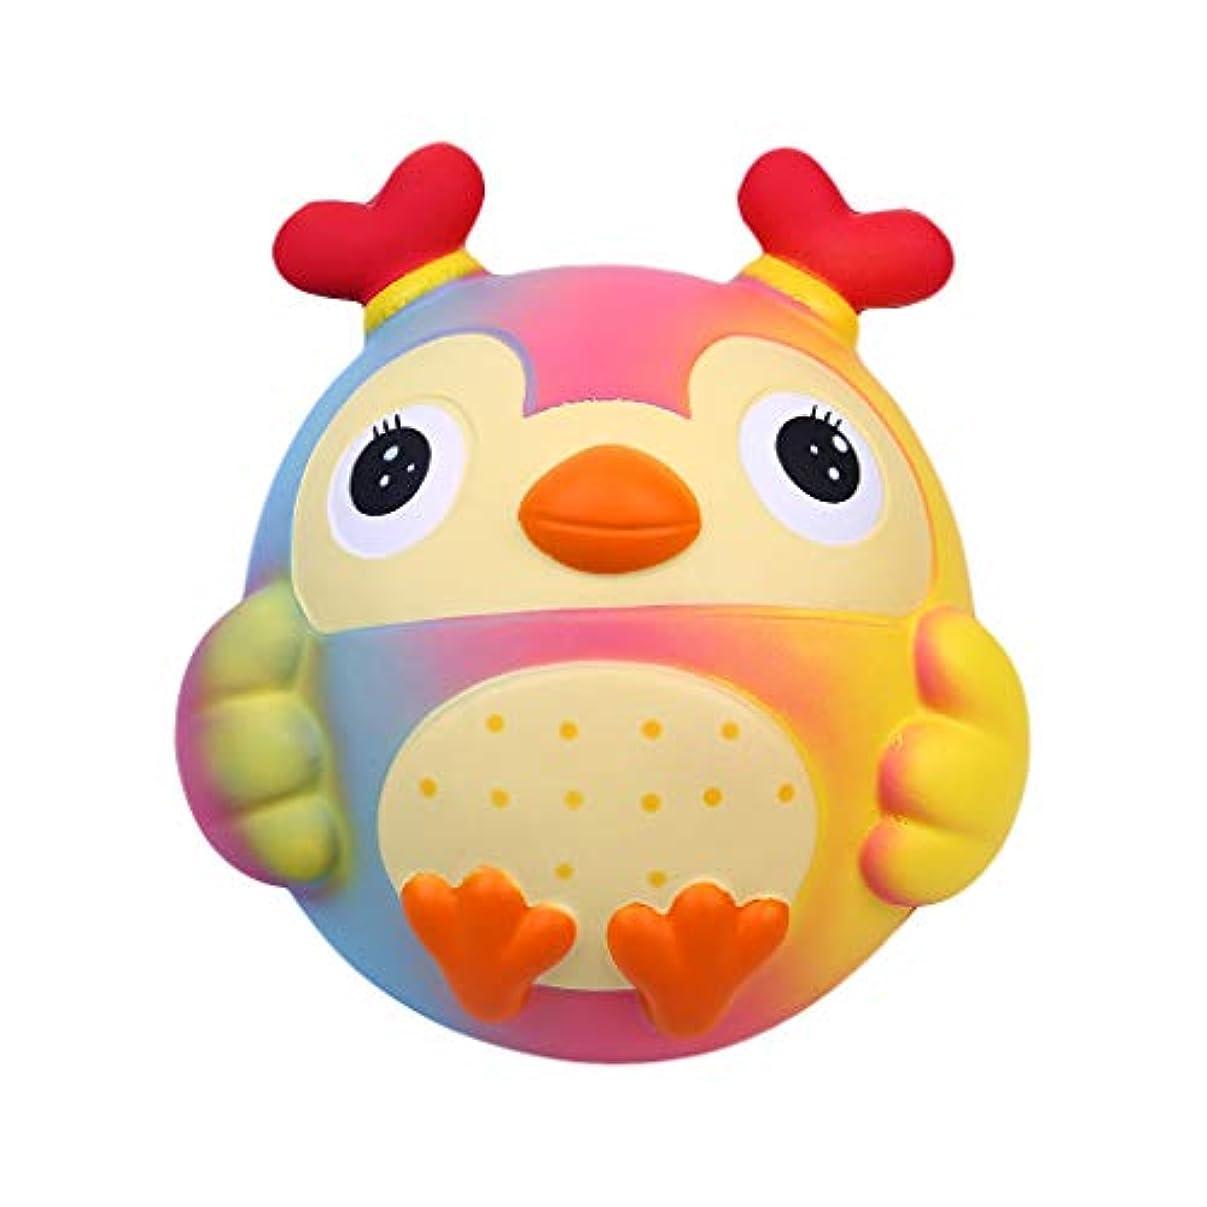 記者テクニカルロードされたGOOD lask スクイーズ愛らしい動物、香りの遅い立ち上がりコレクションの装飾、大人と子供が遊ぶことができるストレス緩和のおもちゃ